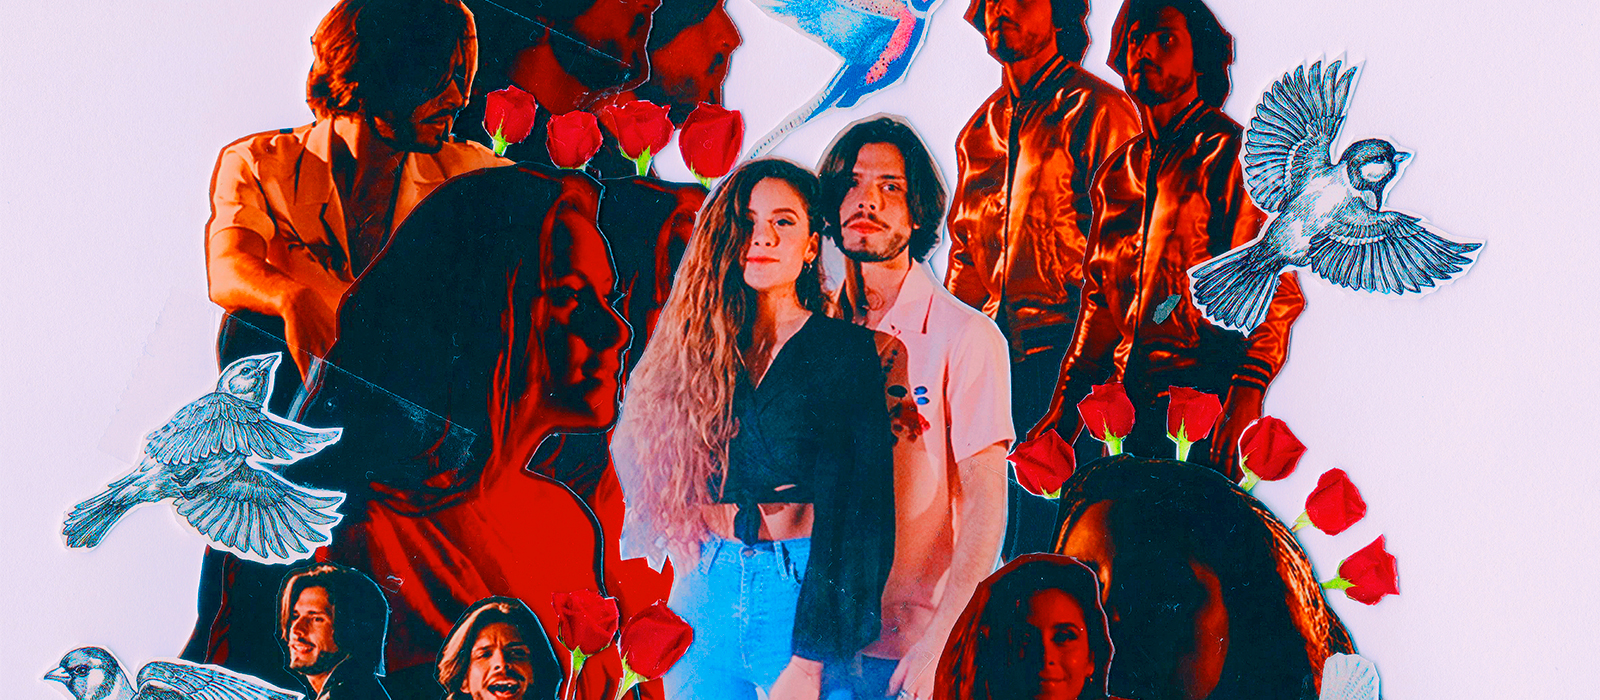 Fredi Leis anuncia su nuevo single 'Quiero Darte' con la colaboración de Cami